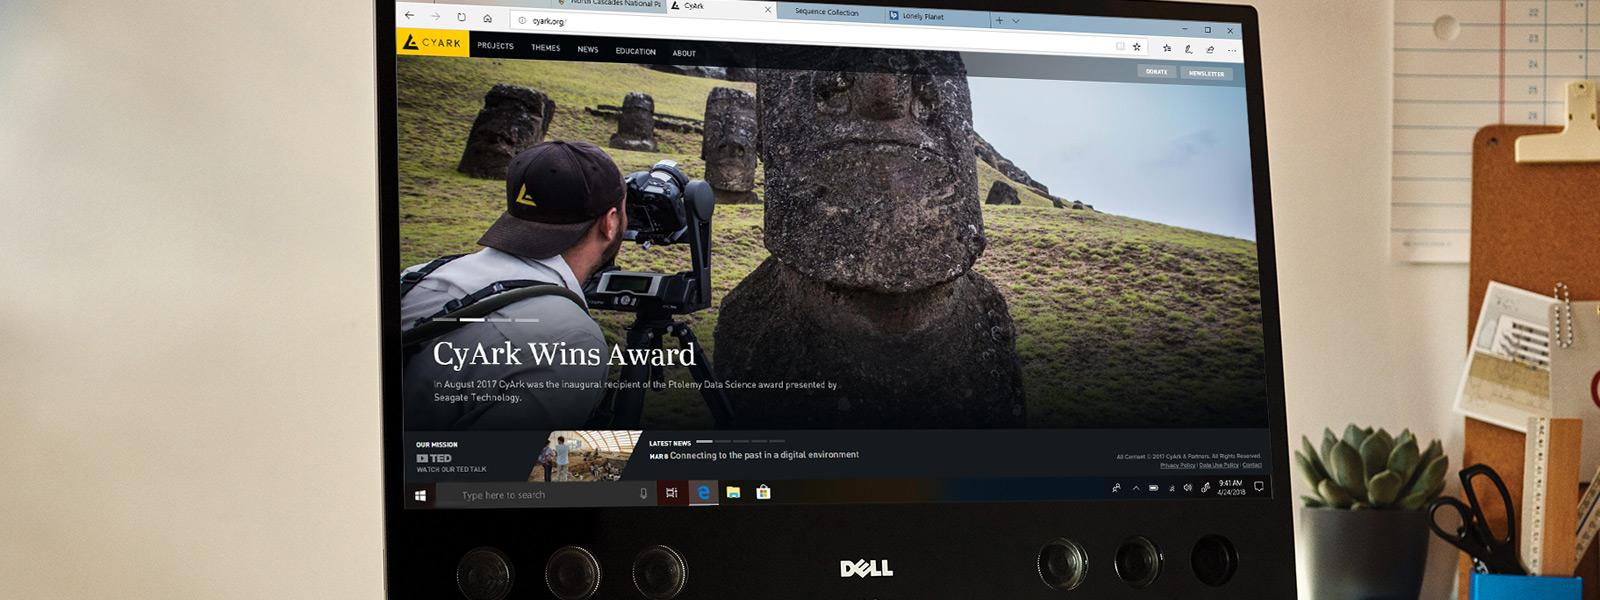 Màn hình máy tính ở trên bàn, đang hiển thị video 4K Ultra HD phát trên trình duyệt Microsoft Edge